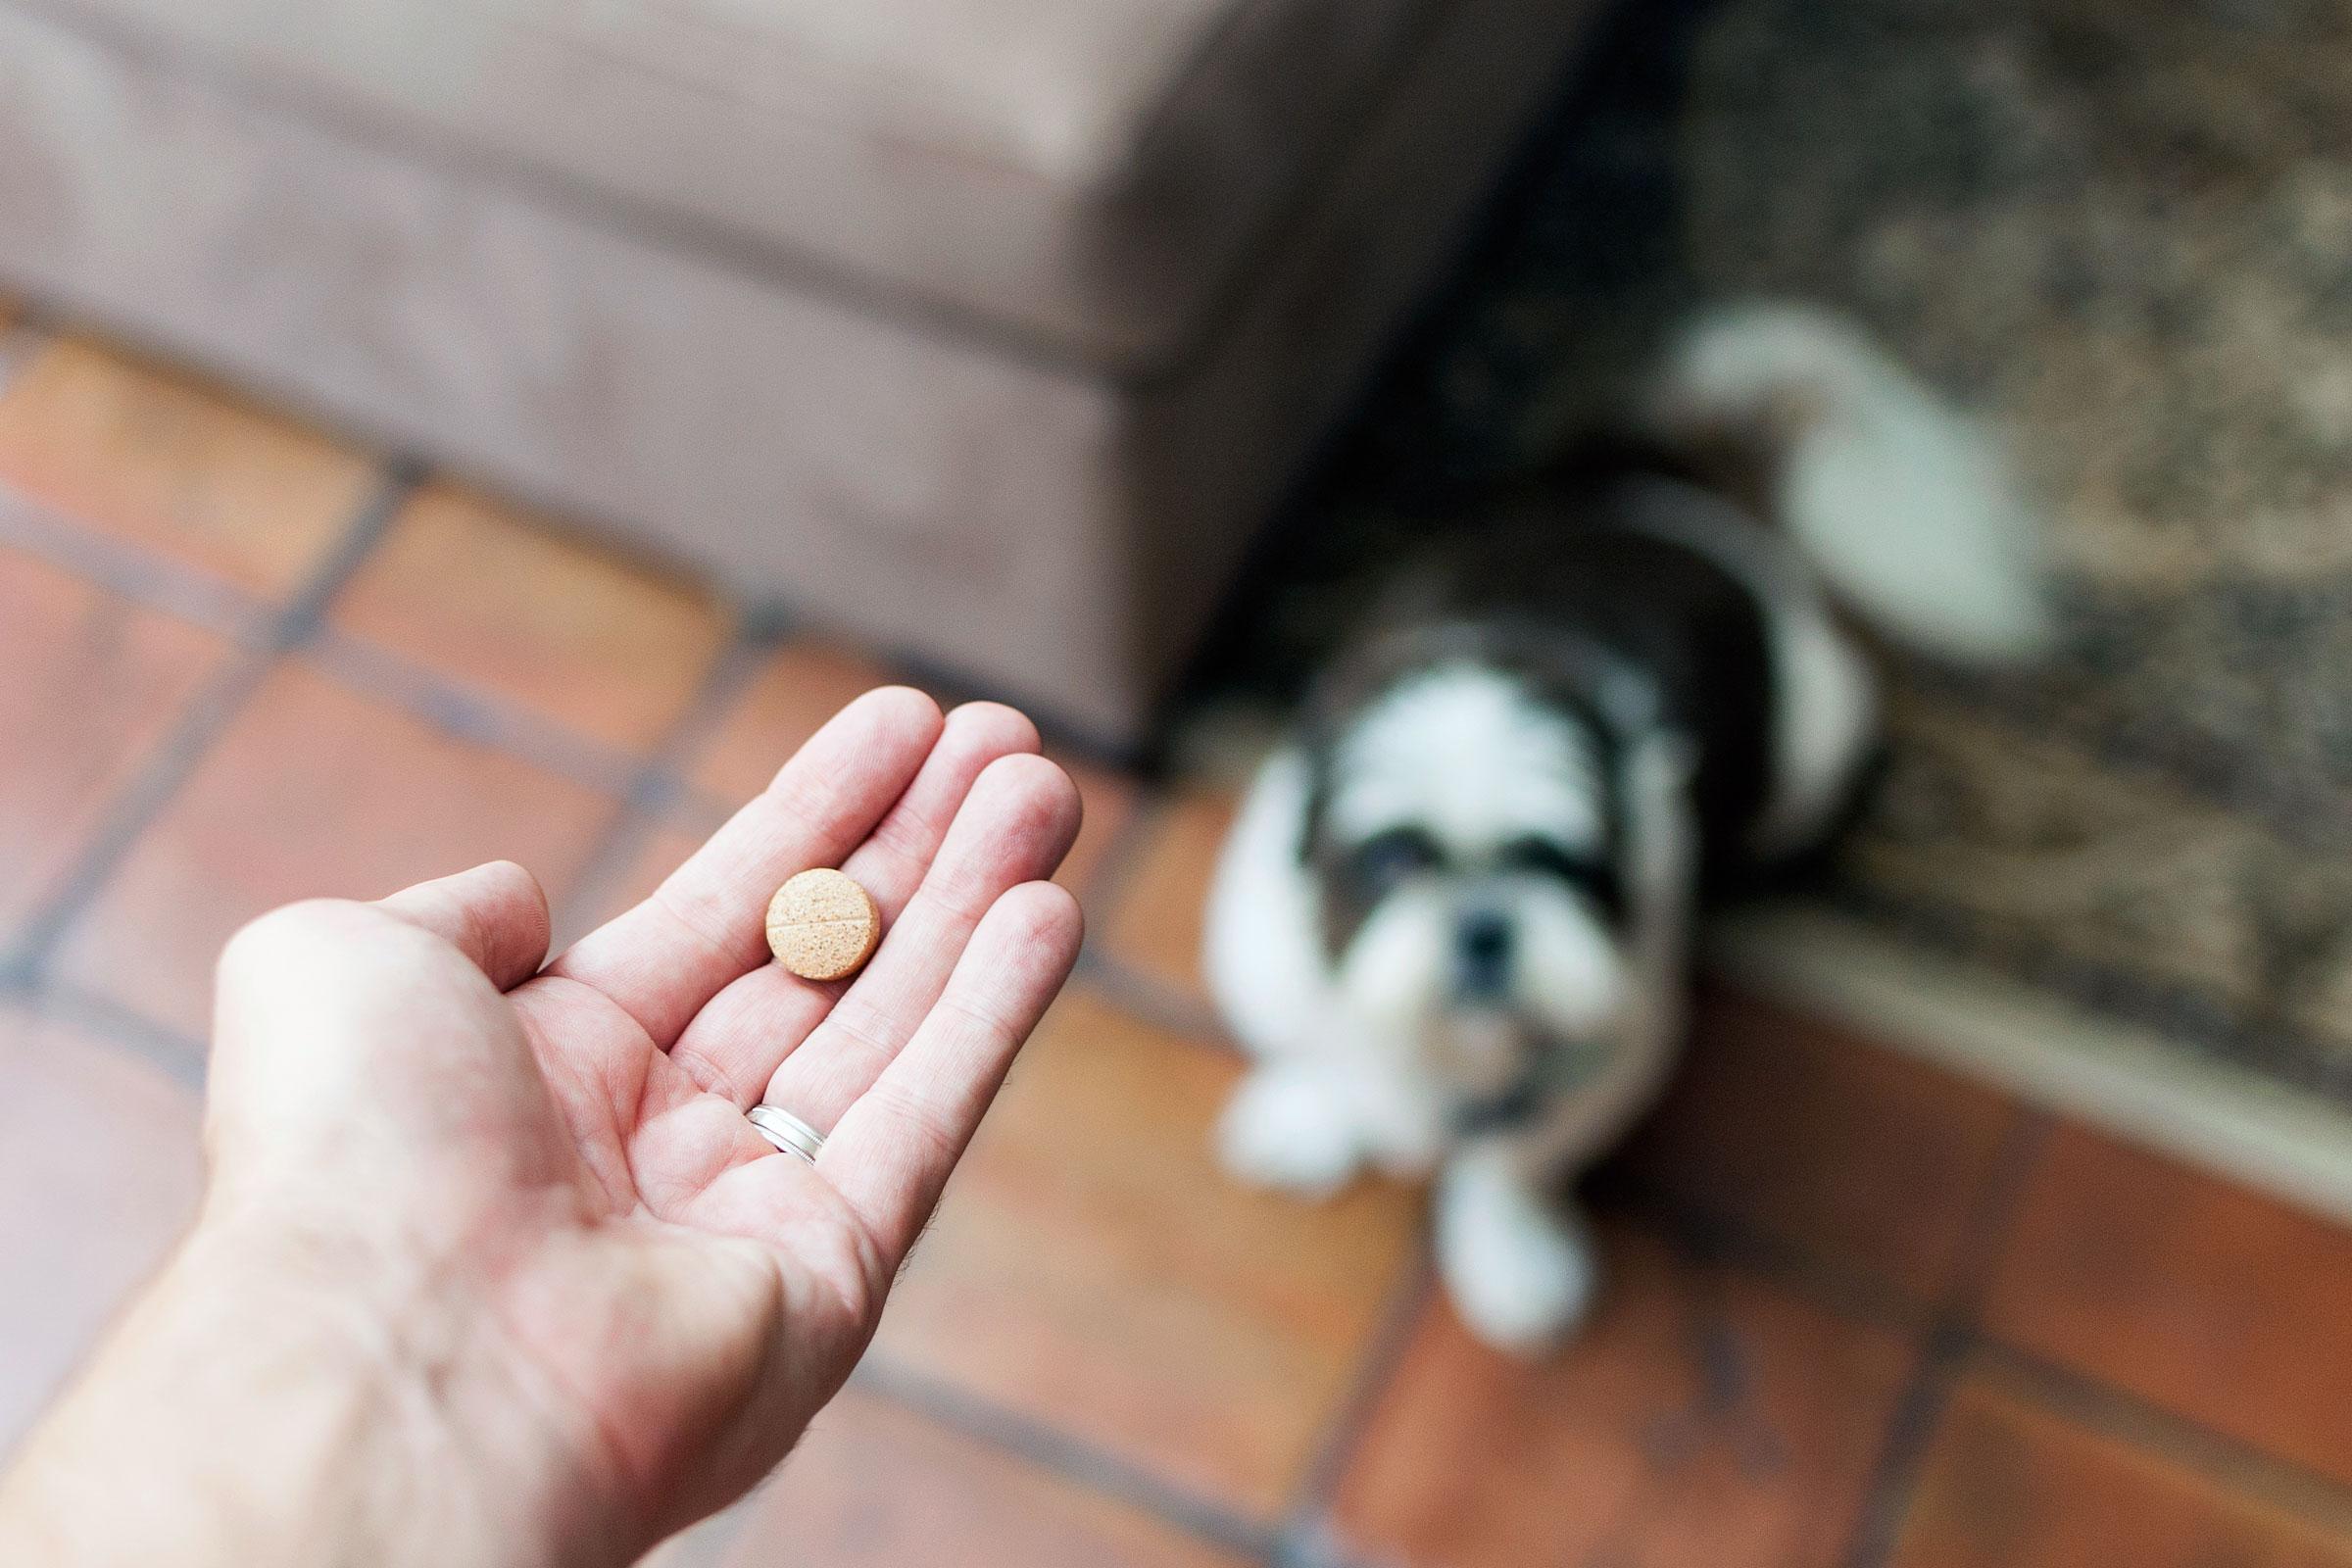 Dogilike.com :: ต้องรู้ไว้..ยากำจัดเห็บและหมัดรูปแบบกินตัวไหนปลอดภัยกับน้องหมา